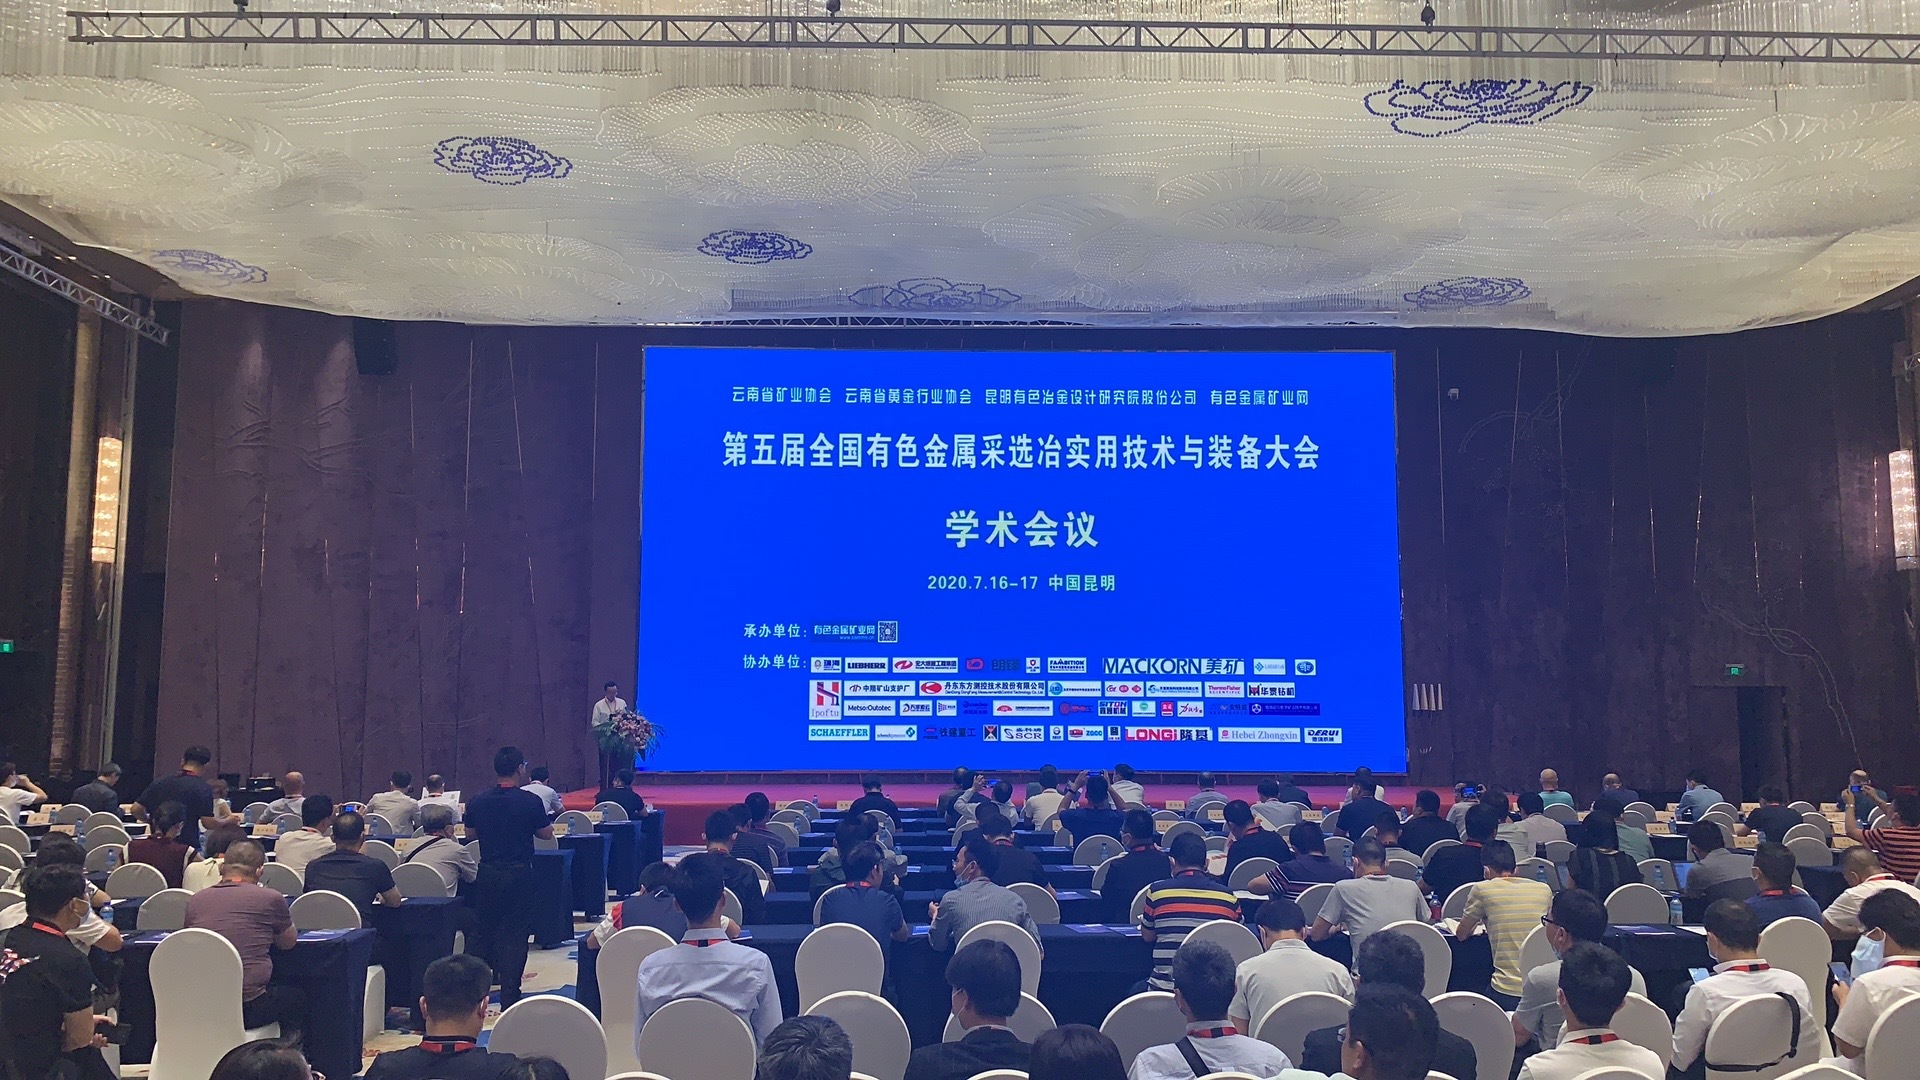 第四届矿产资源综合开发利用及绿色矿山建设技术与装备论坛·西宁